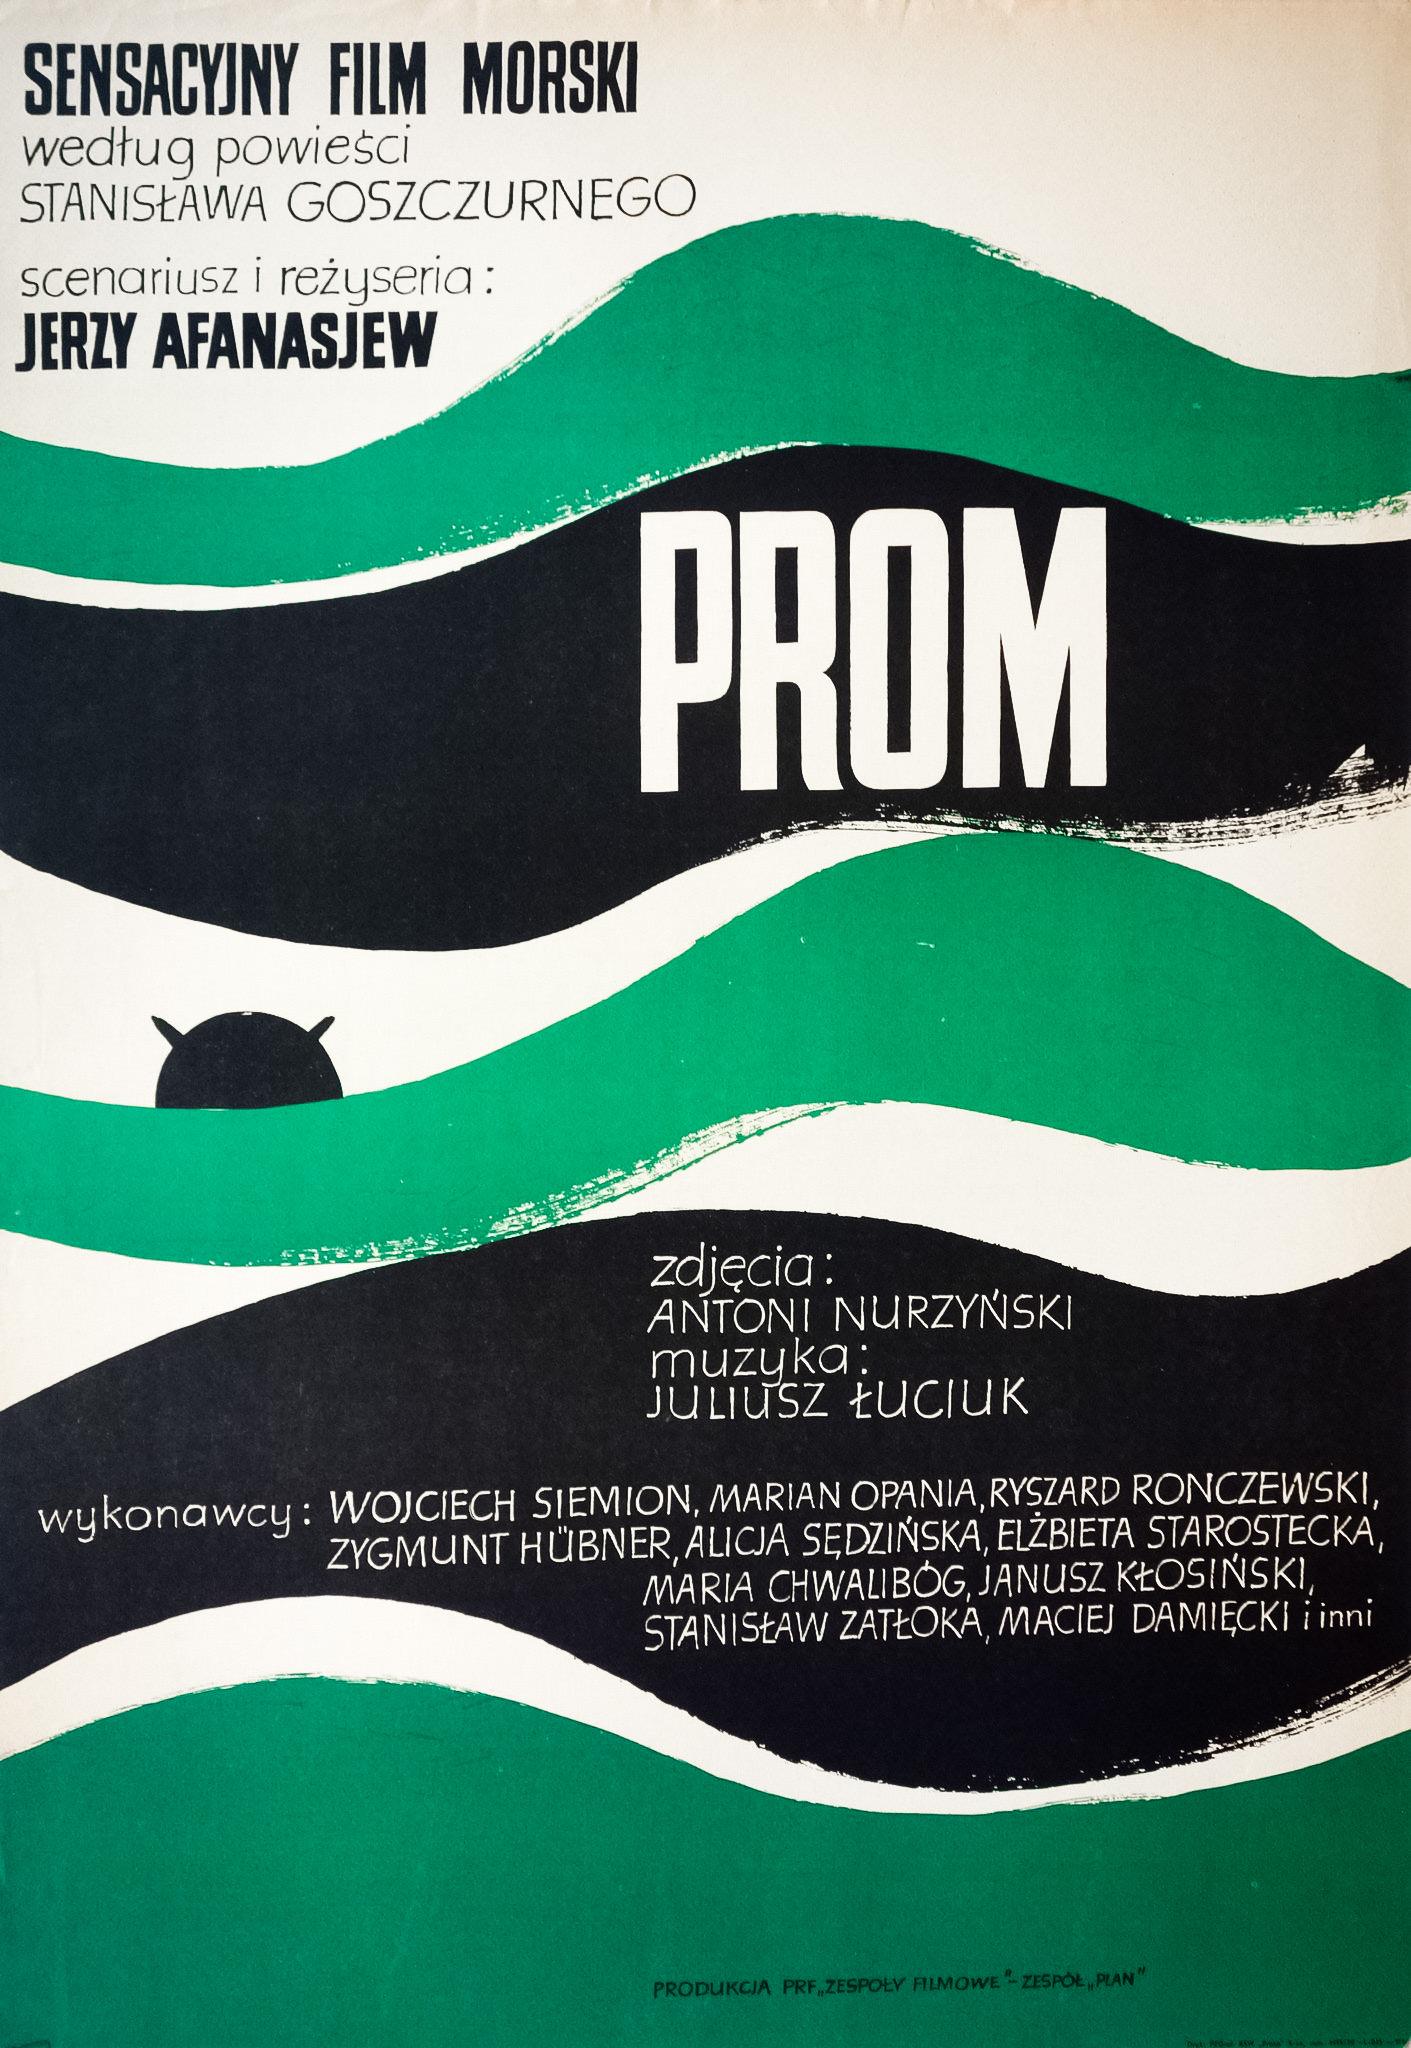 Jerzy Afanasjew in Prom (1970)